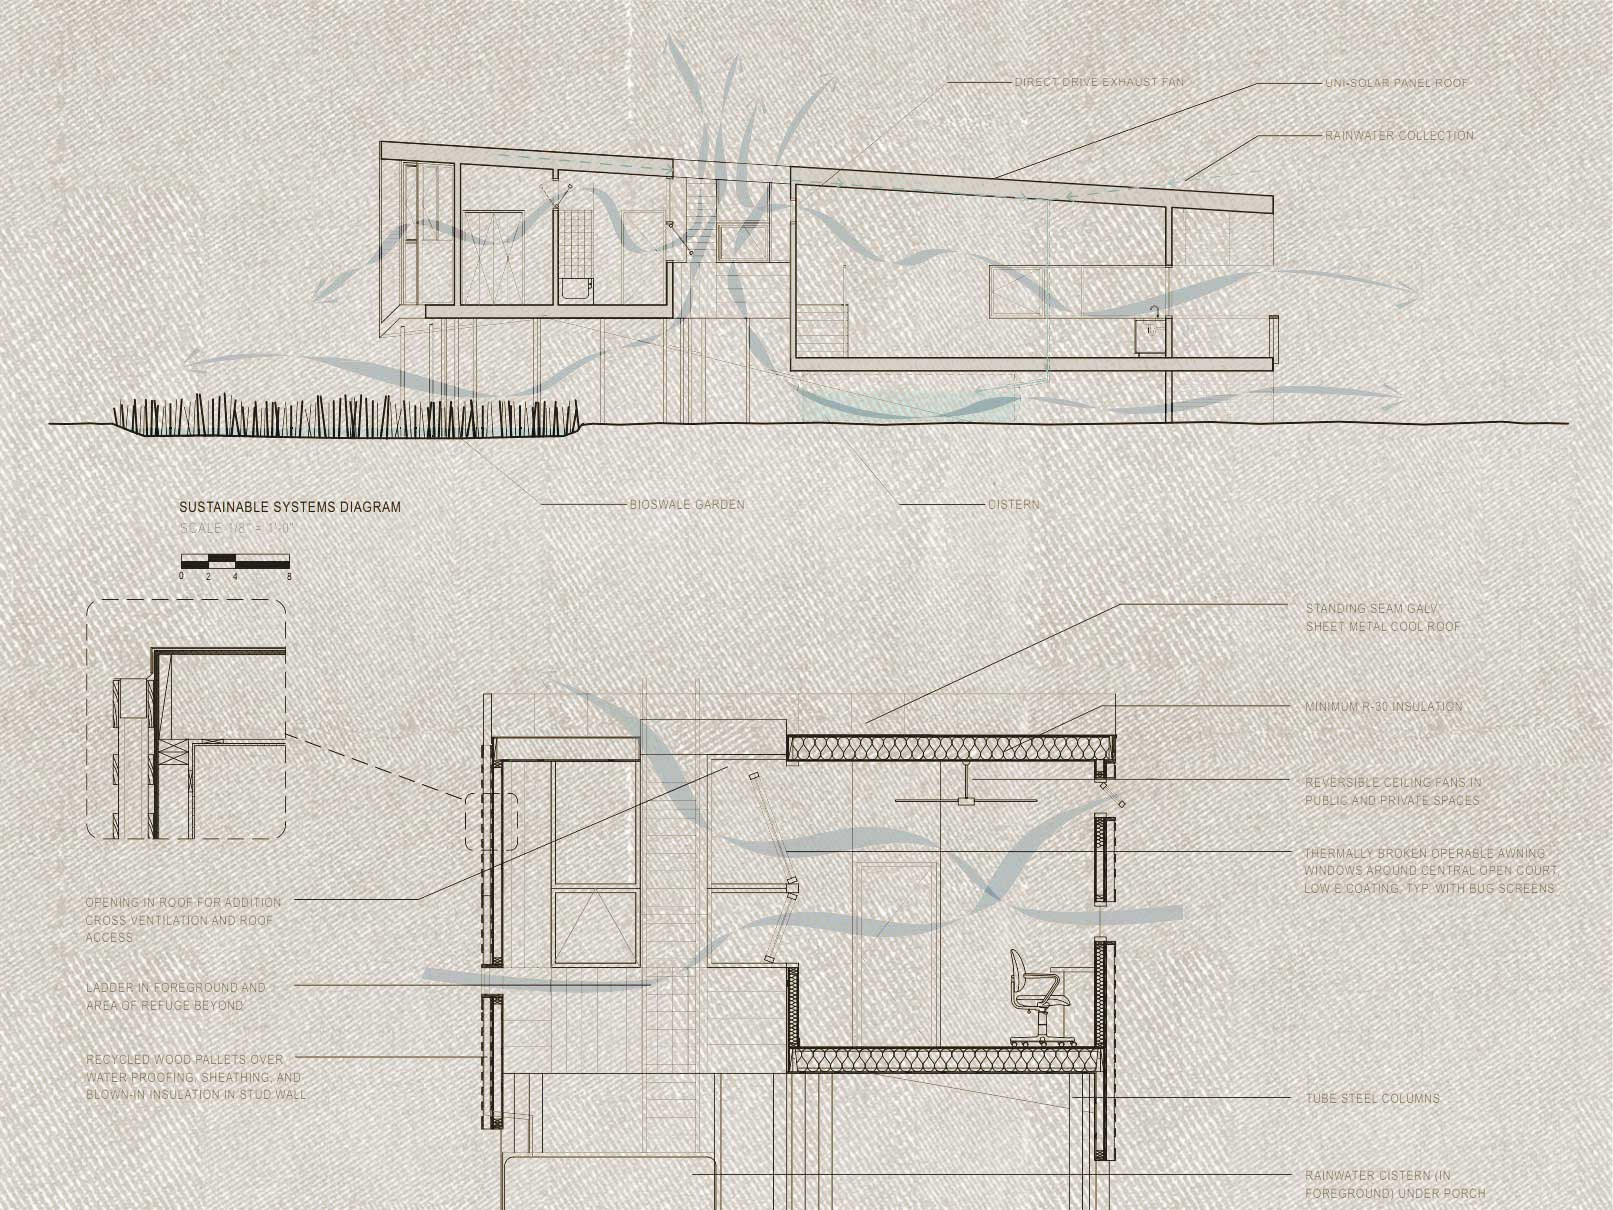 28 planos de casas ecol gicas para dise ar viviendas ovacen for Programa para distribuir una casa